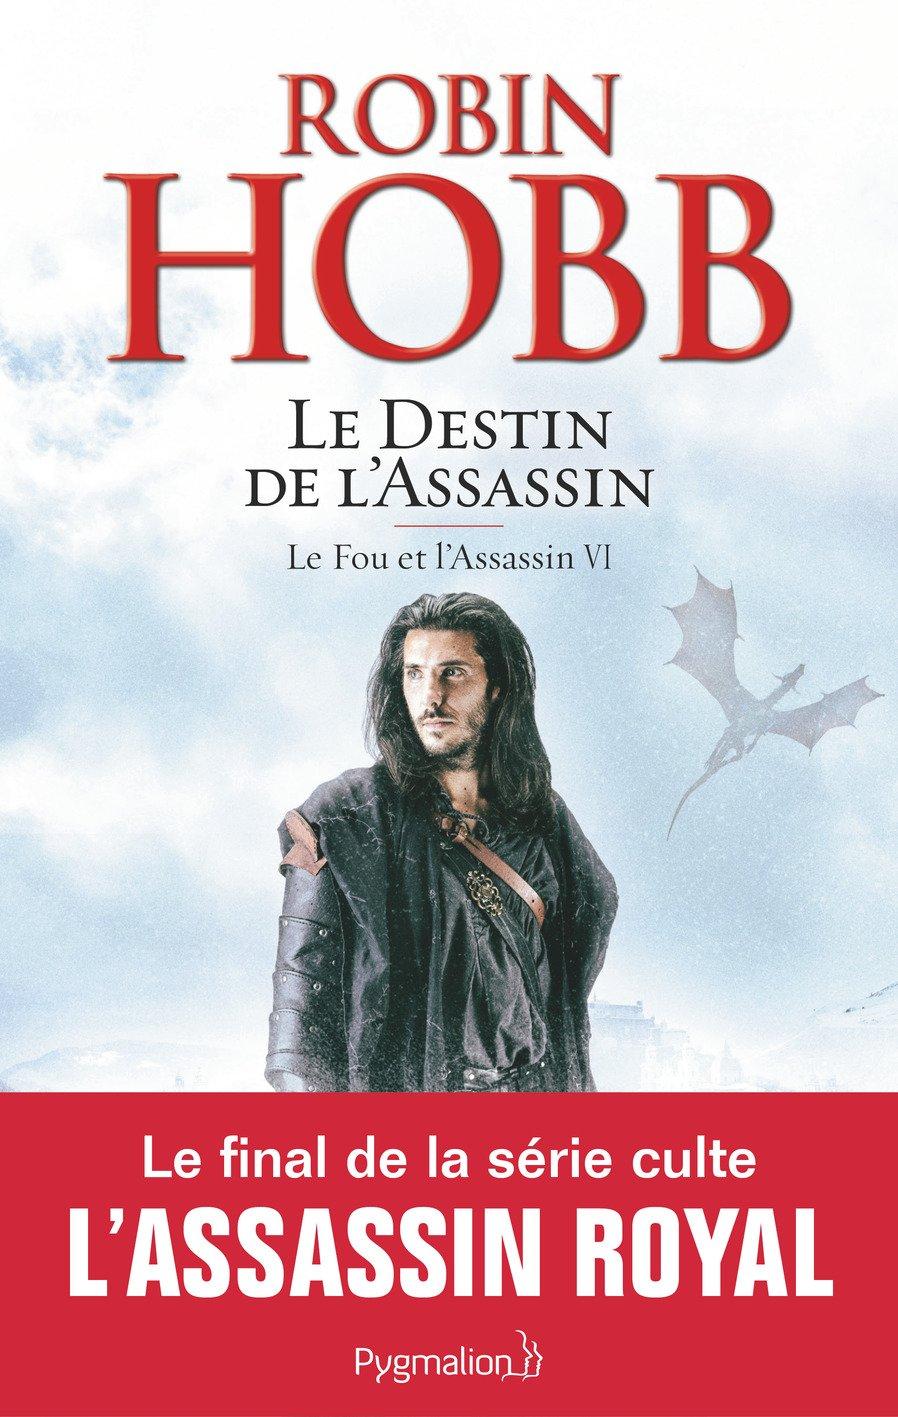 Le Fou et l'Assassin, Tome 6 : Le destin de l'assassin Broché – 21 mars 2018 Robin Hobb Le Fou et l' Assassin PYGMALION 2756422770